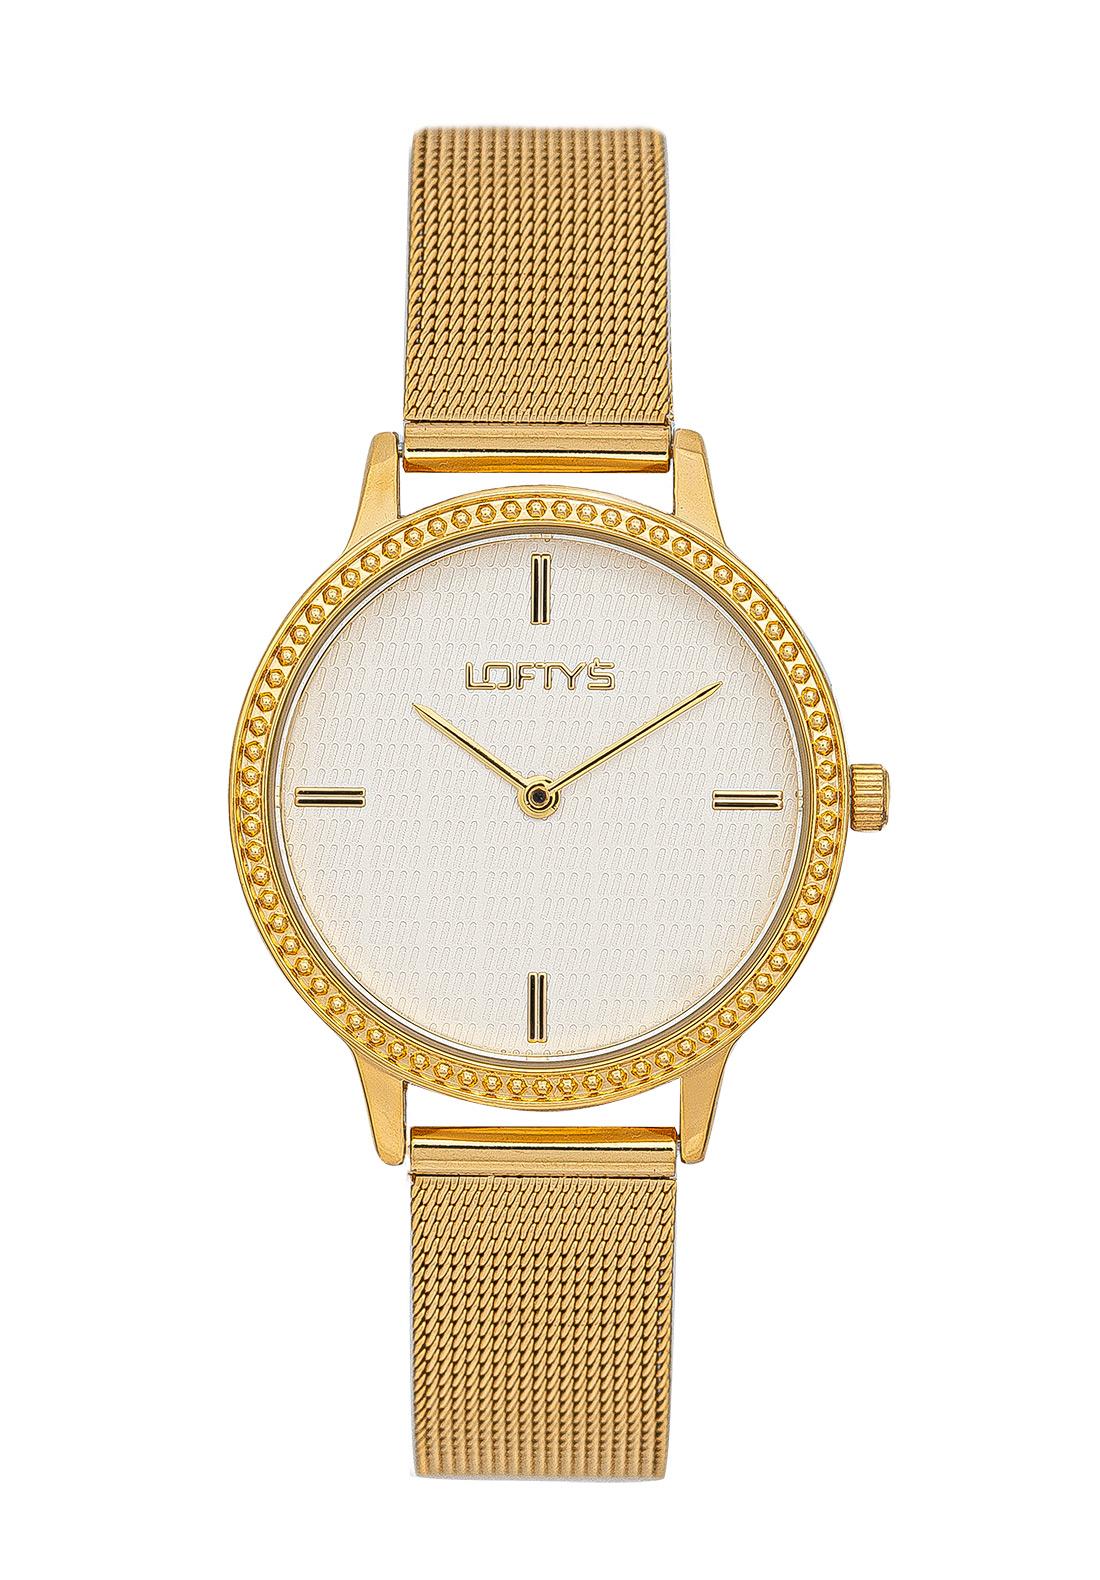 Ρολόι Loftys Cassiopi Χρυσό Μπρασελέ με Λευκό Καντράν και Κρύσταλλα Y2014-9